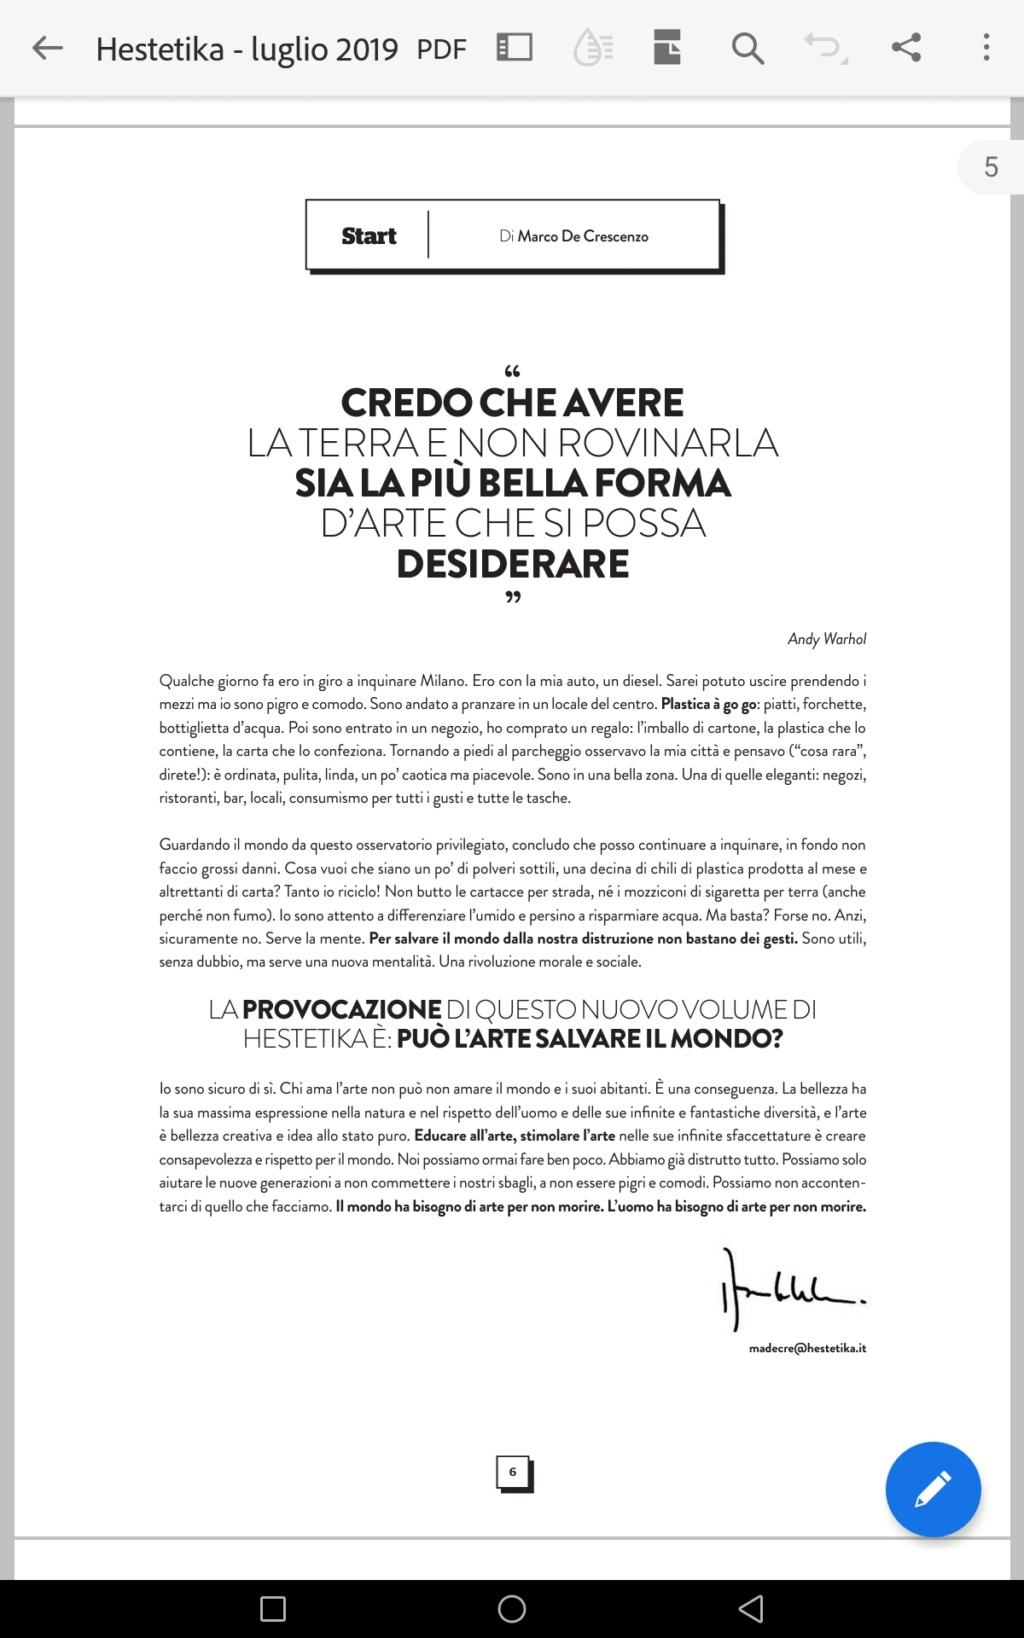 GLI EDITORIALI DELLE VARIE RIVISTE D'ARTE - Pagina 3 Screen11